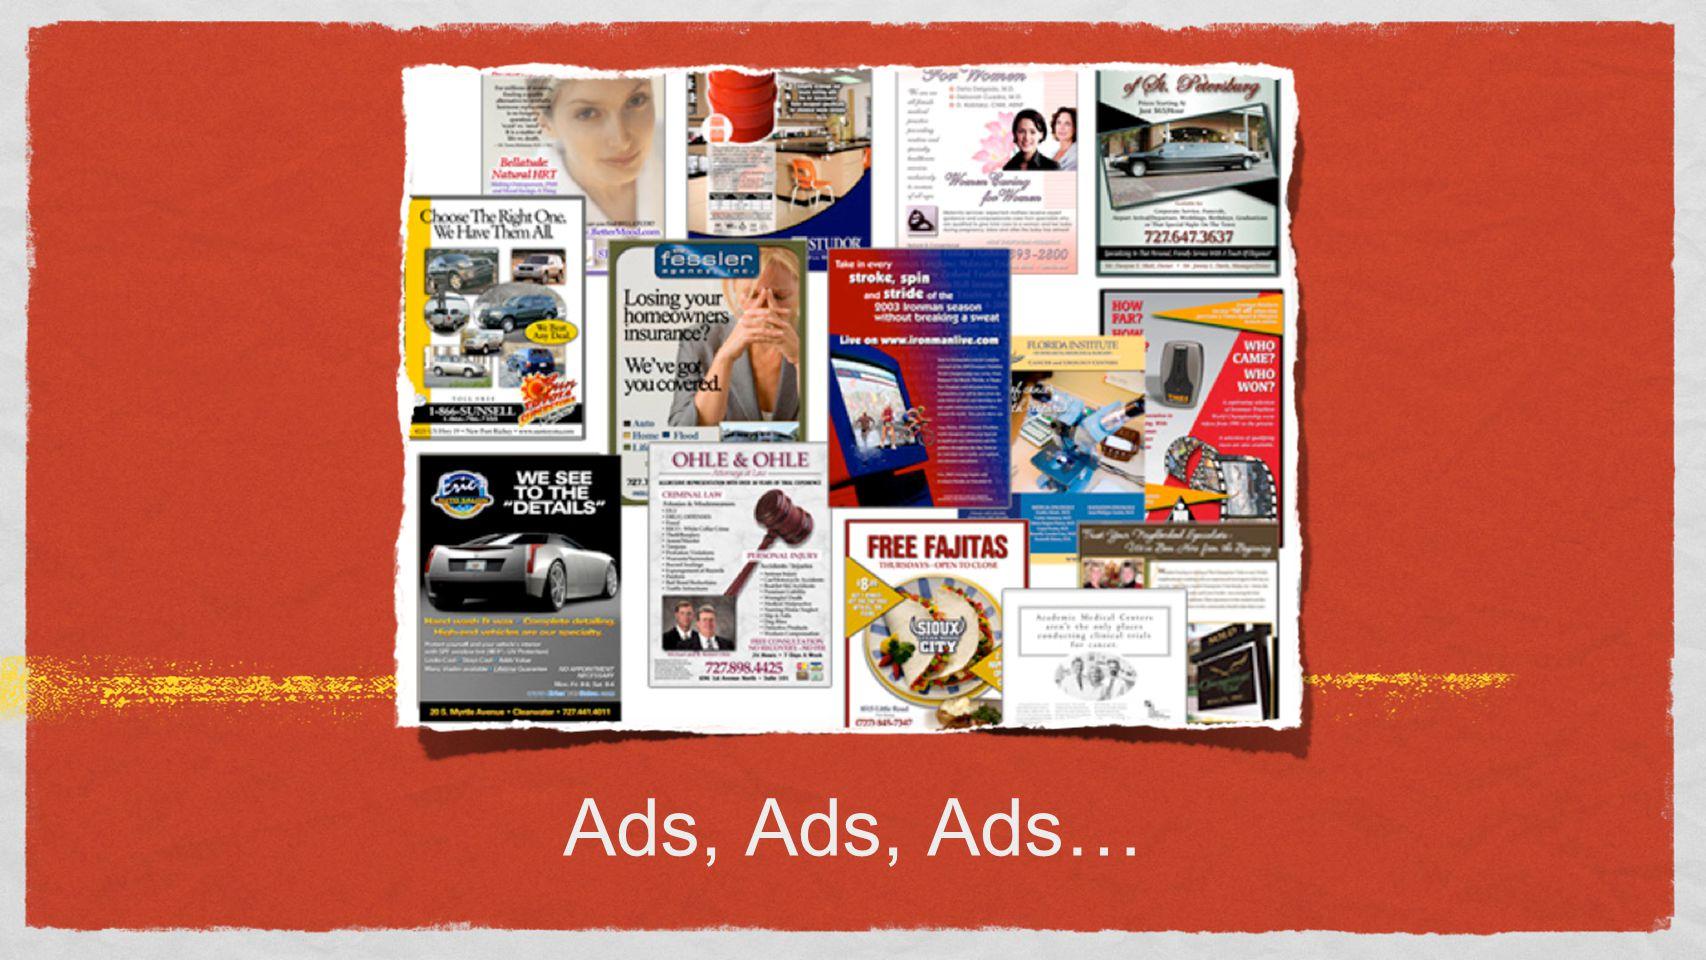 Ads, Ads, Ads…